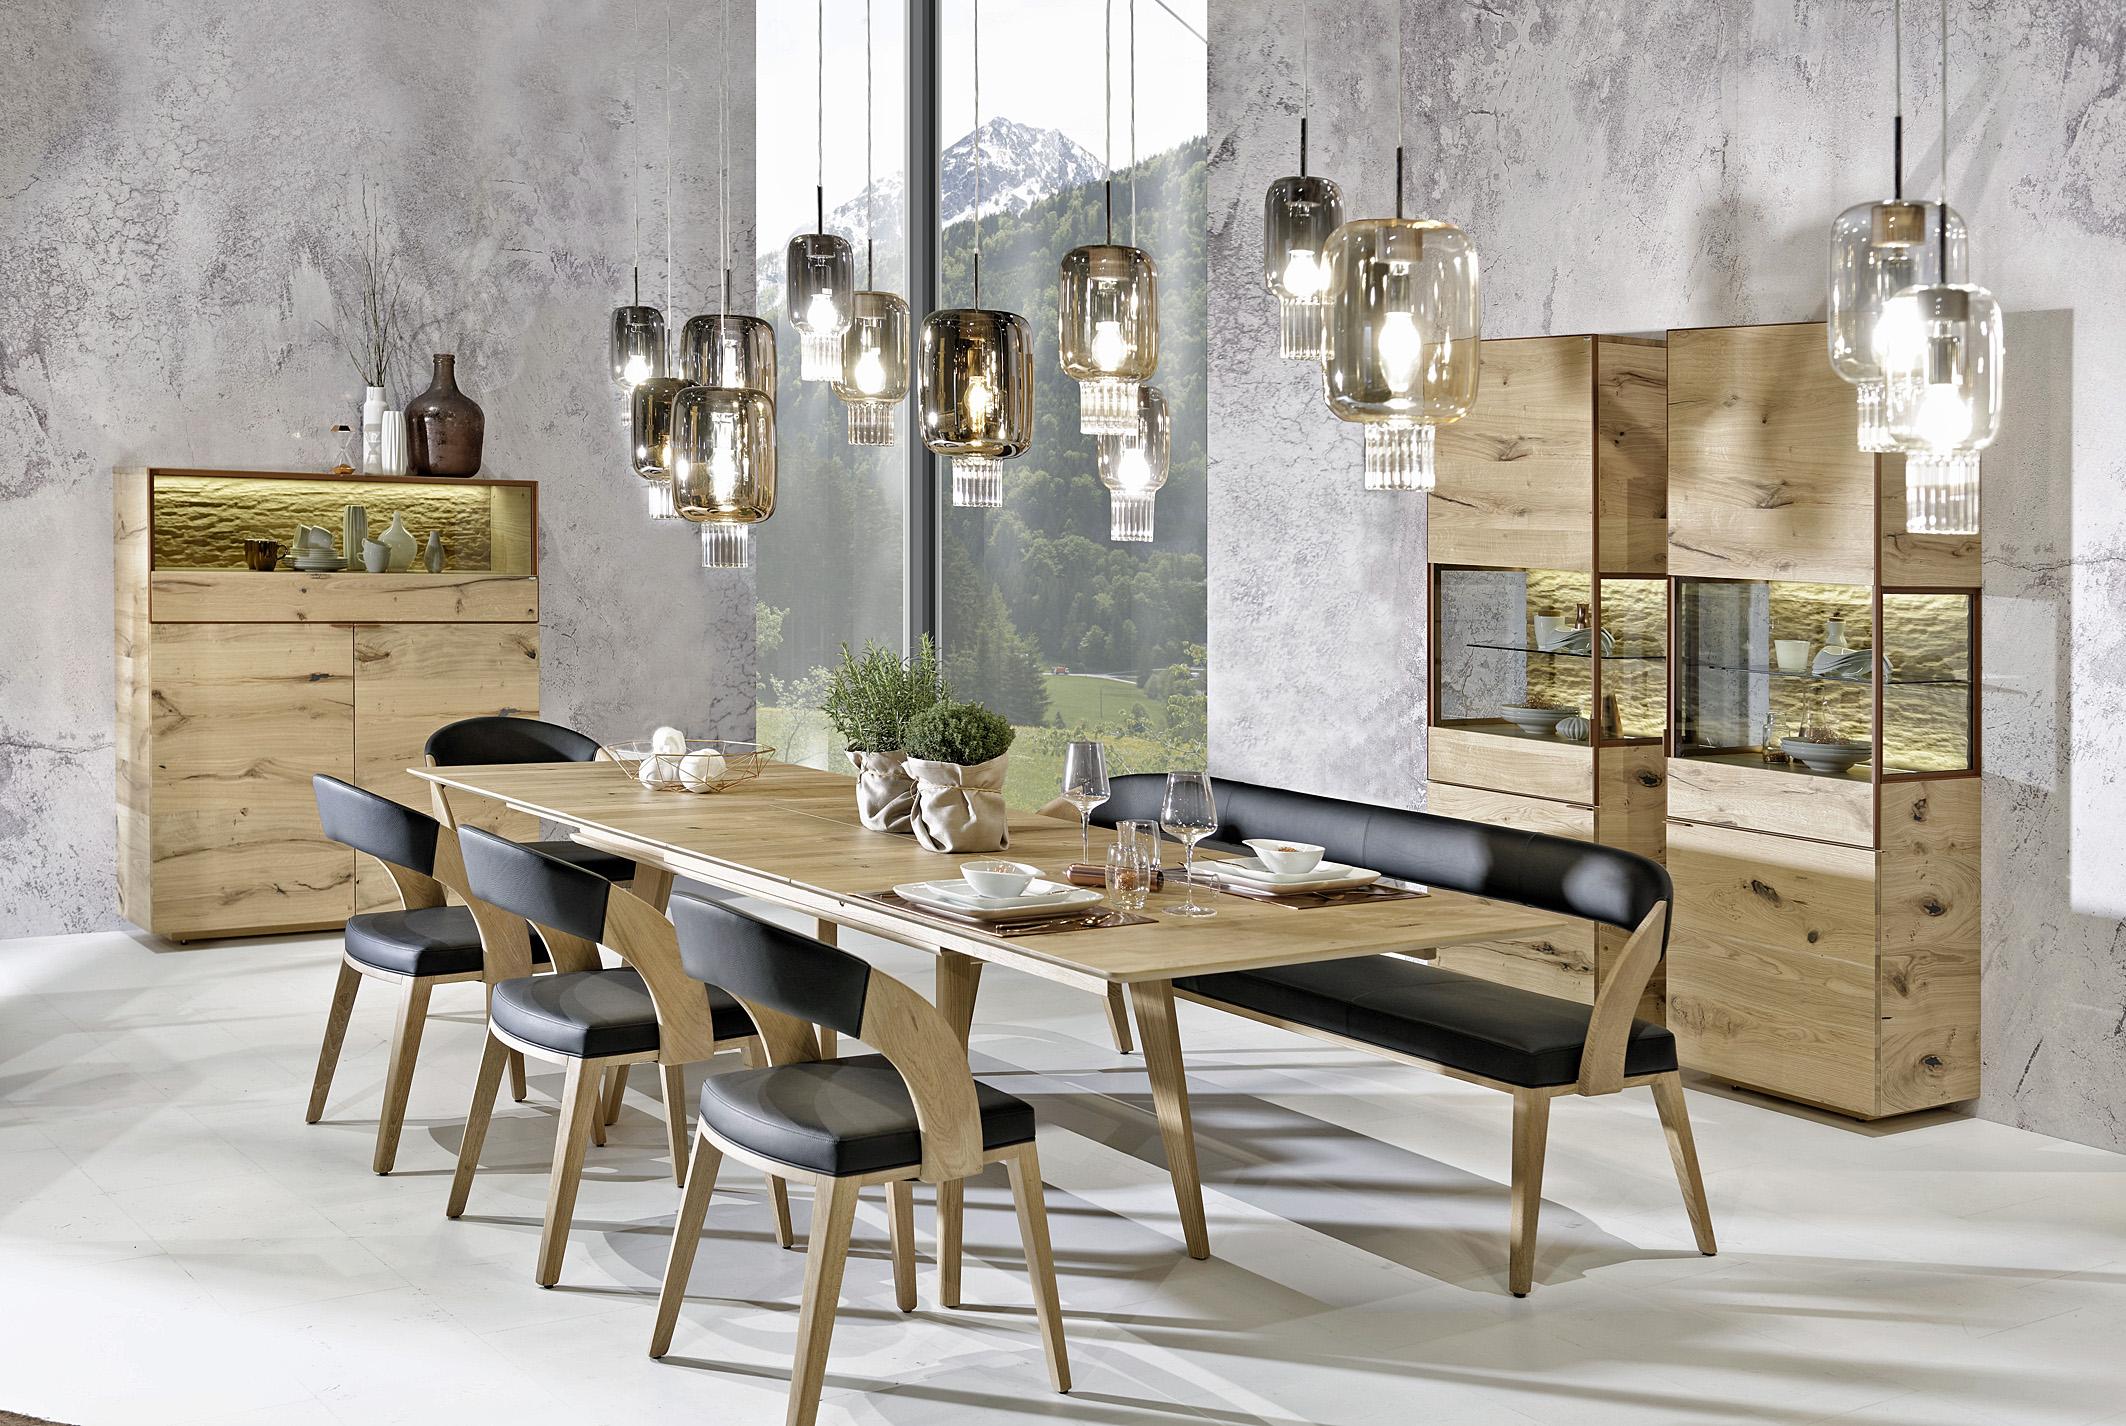 pm 2017 dgm massivholzmoebel. Black Bedroom Furniture Sets. Home Design Ideas